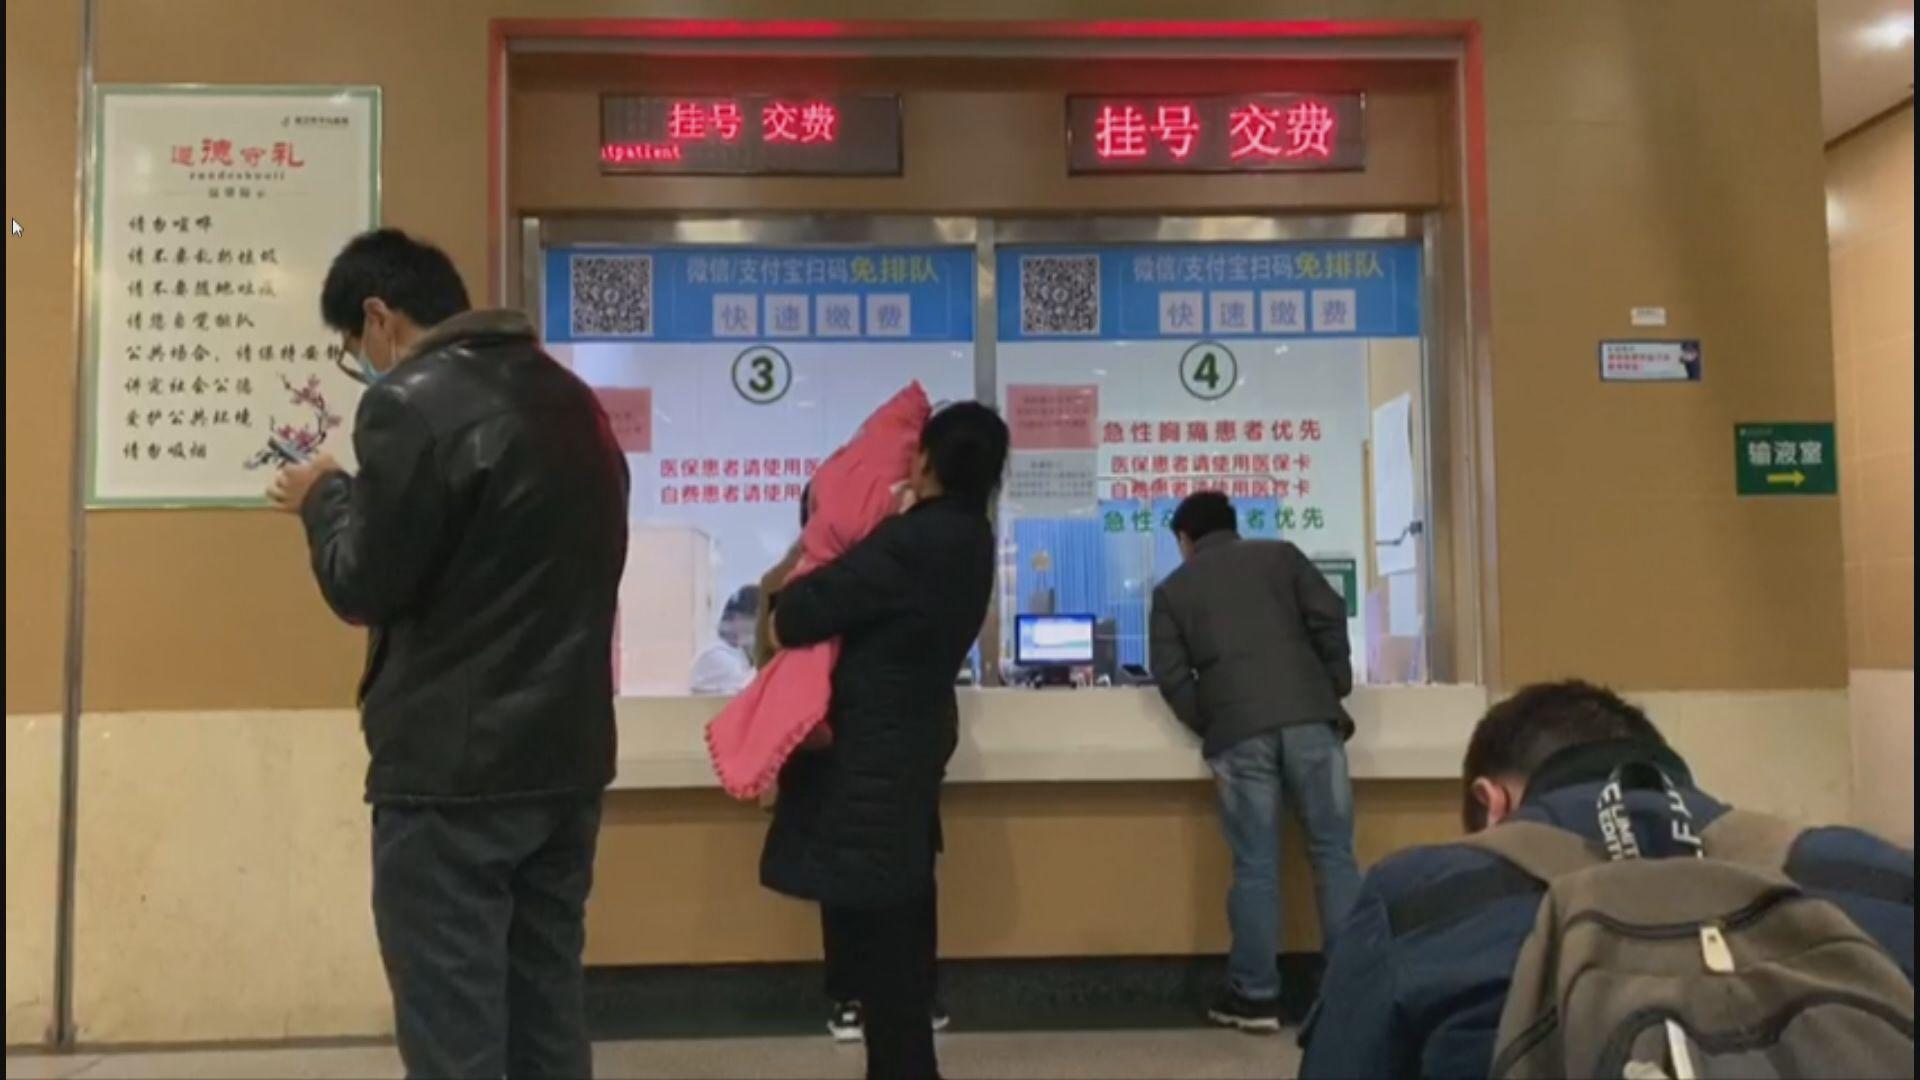 本港將製作針對武漢新型病毒的測試